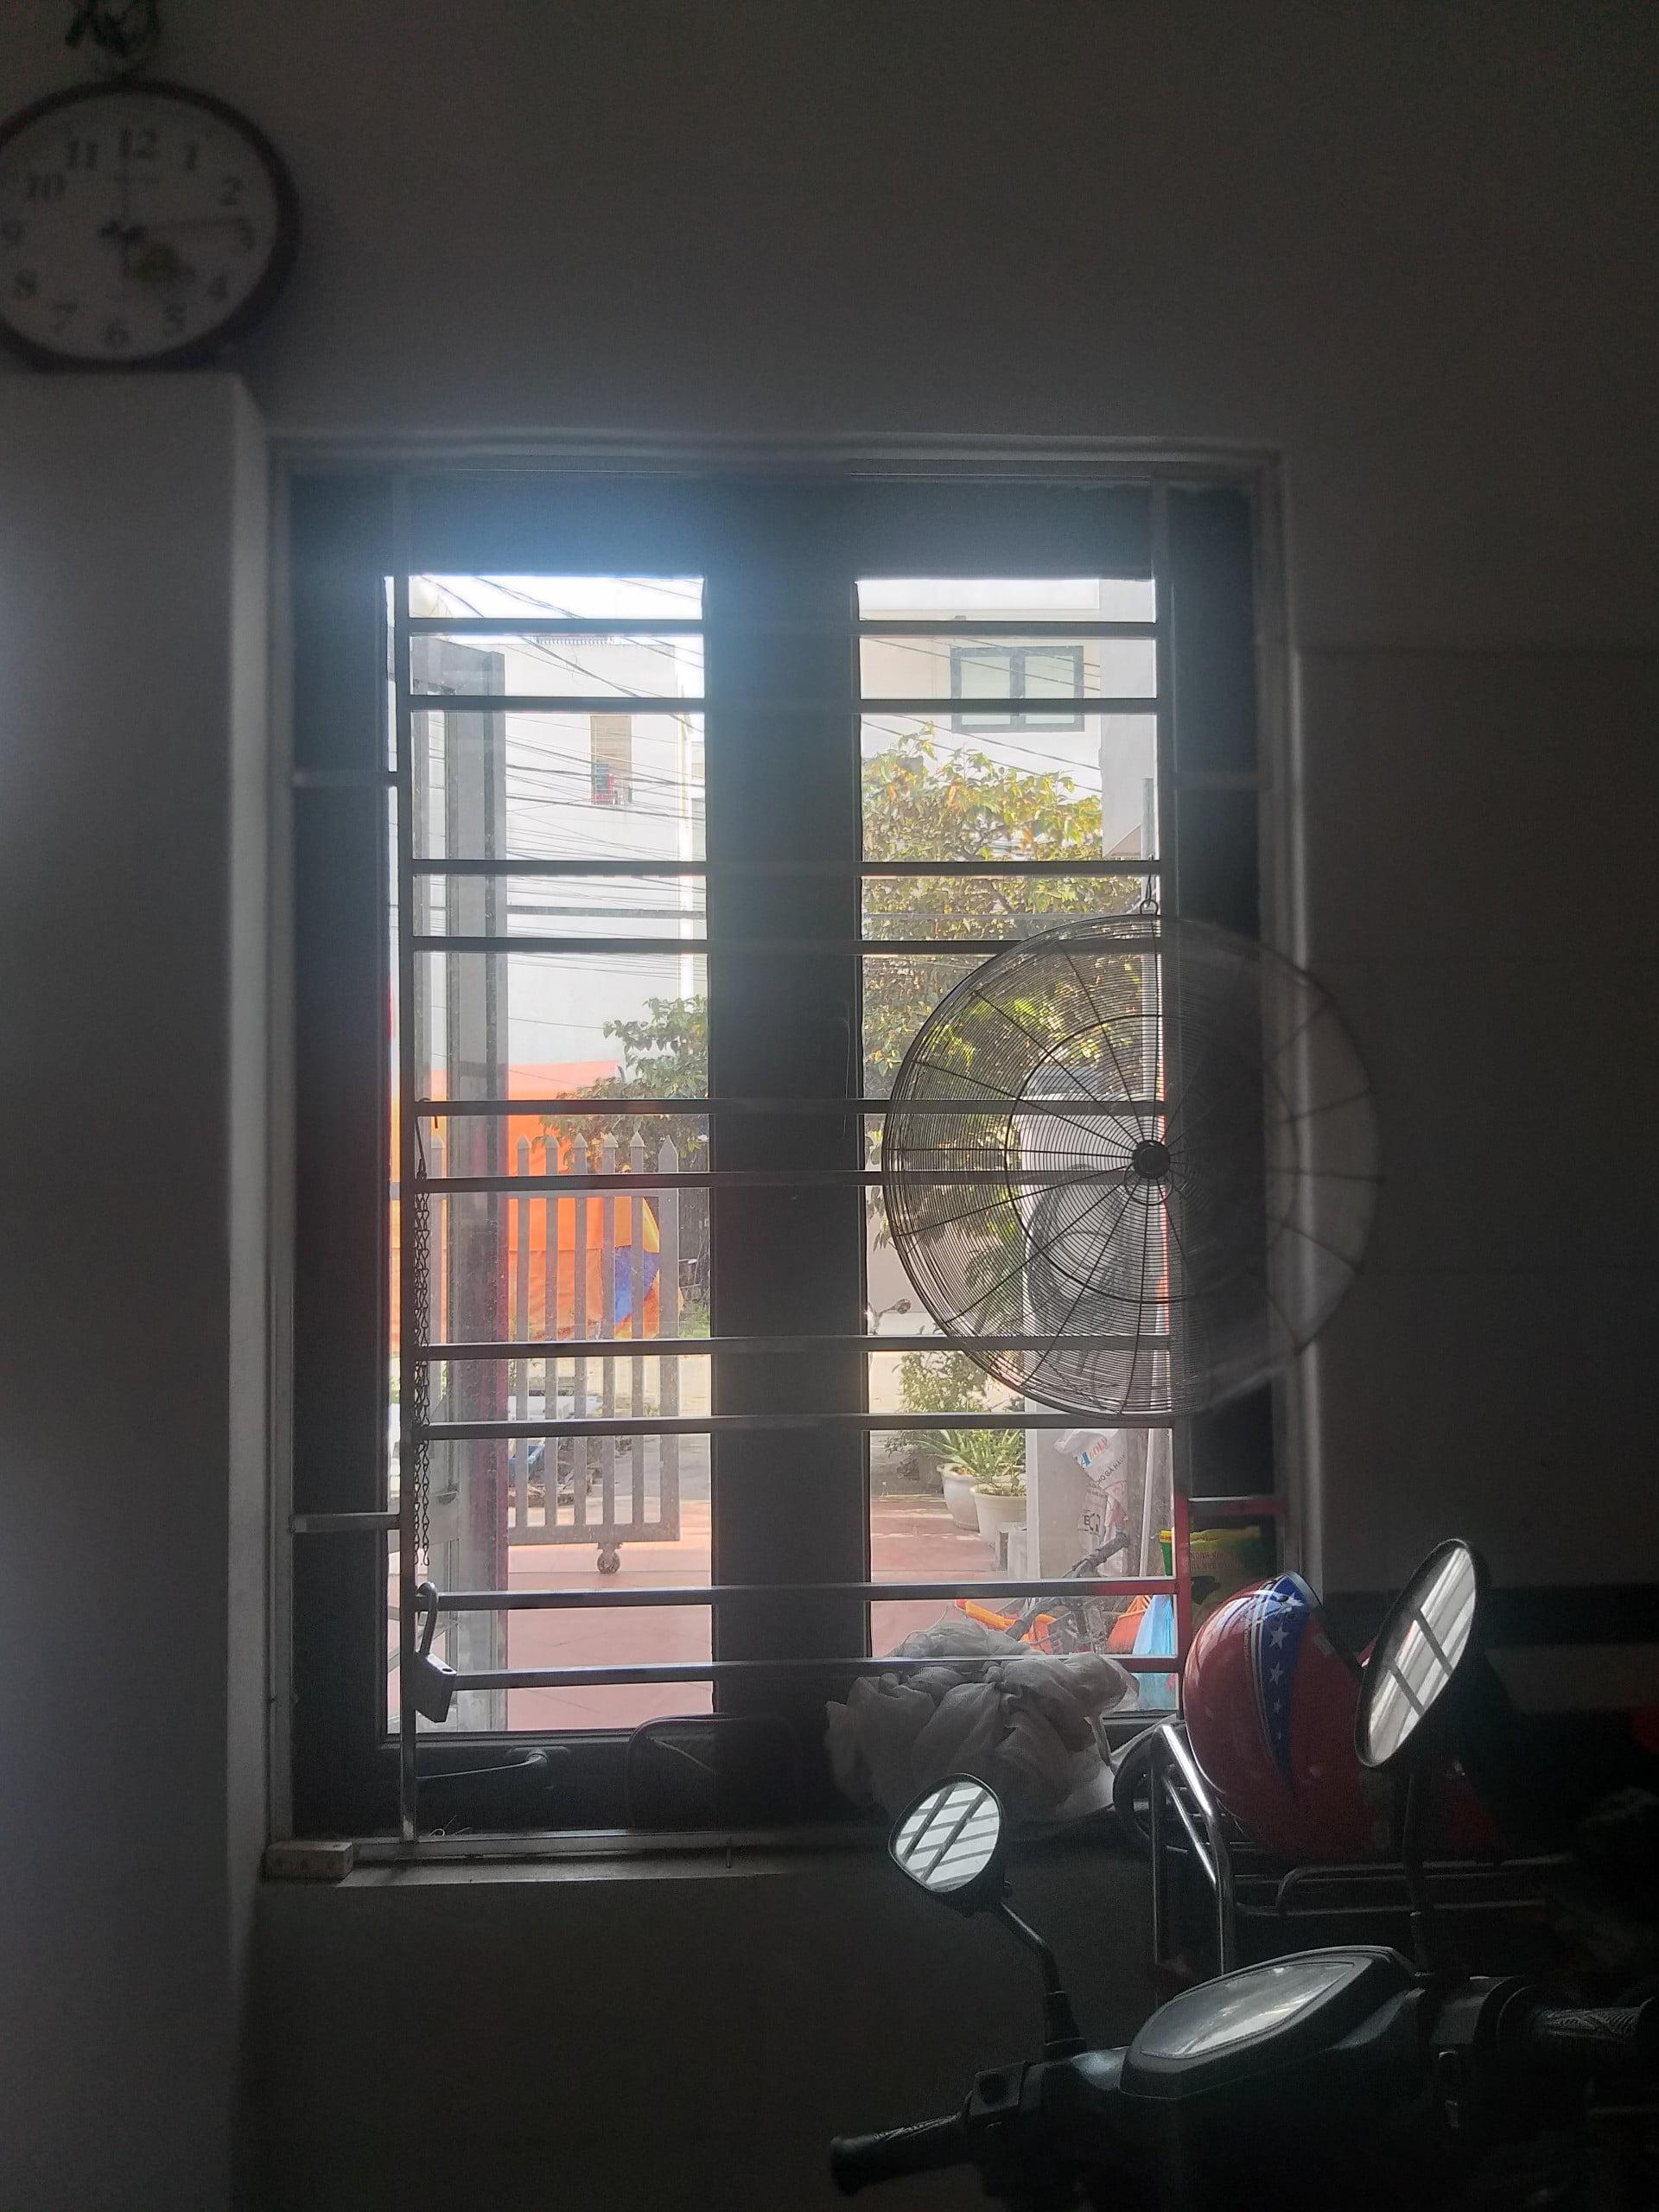 Hình ảnh cửa sổ bếp khi chưa có rèm